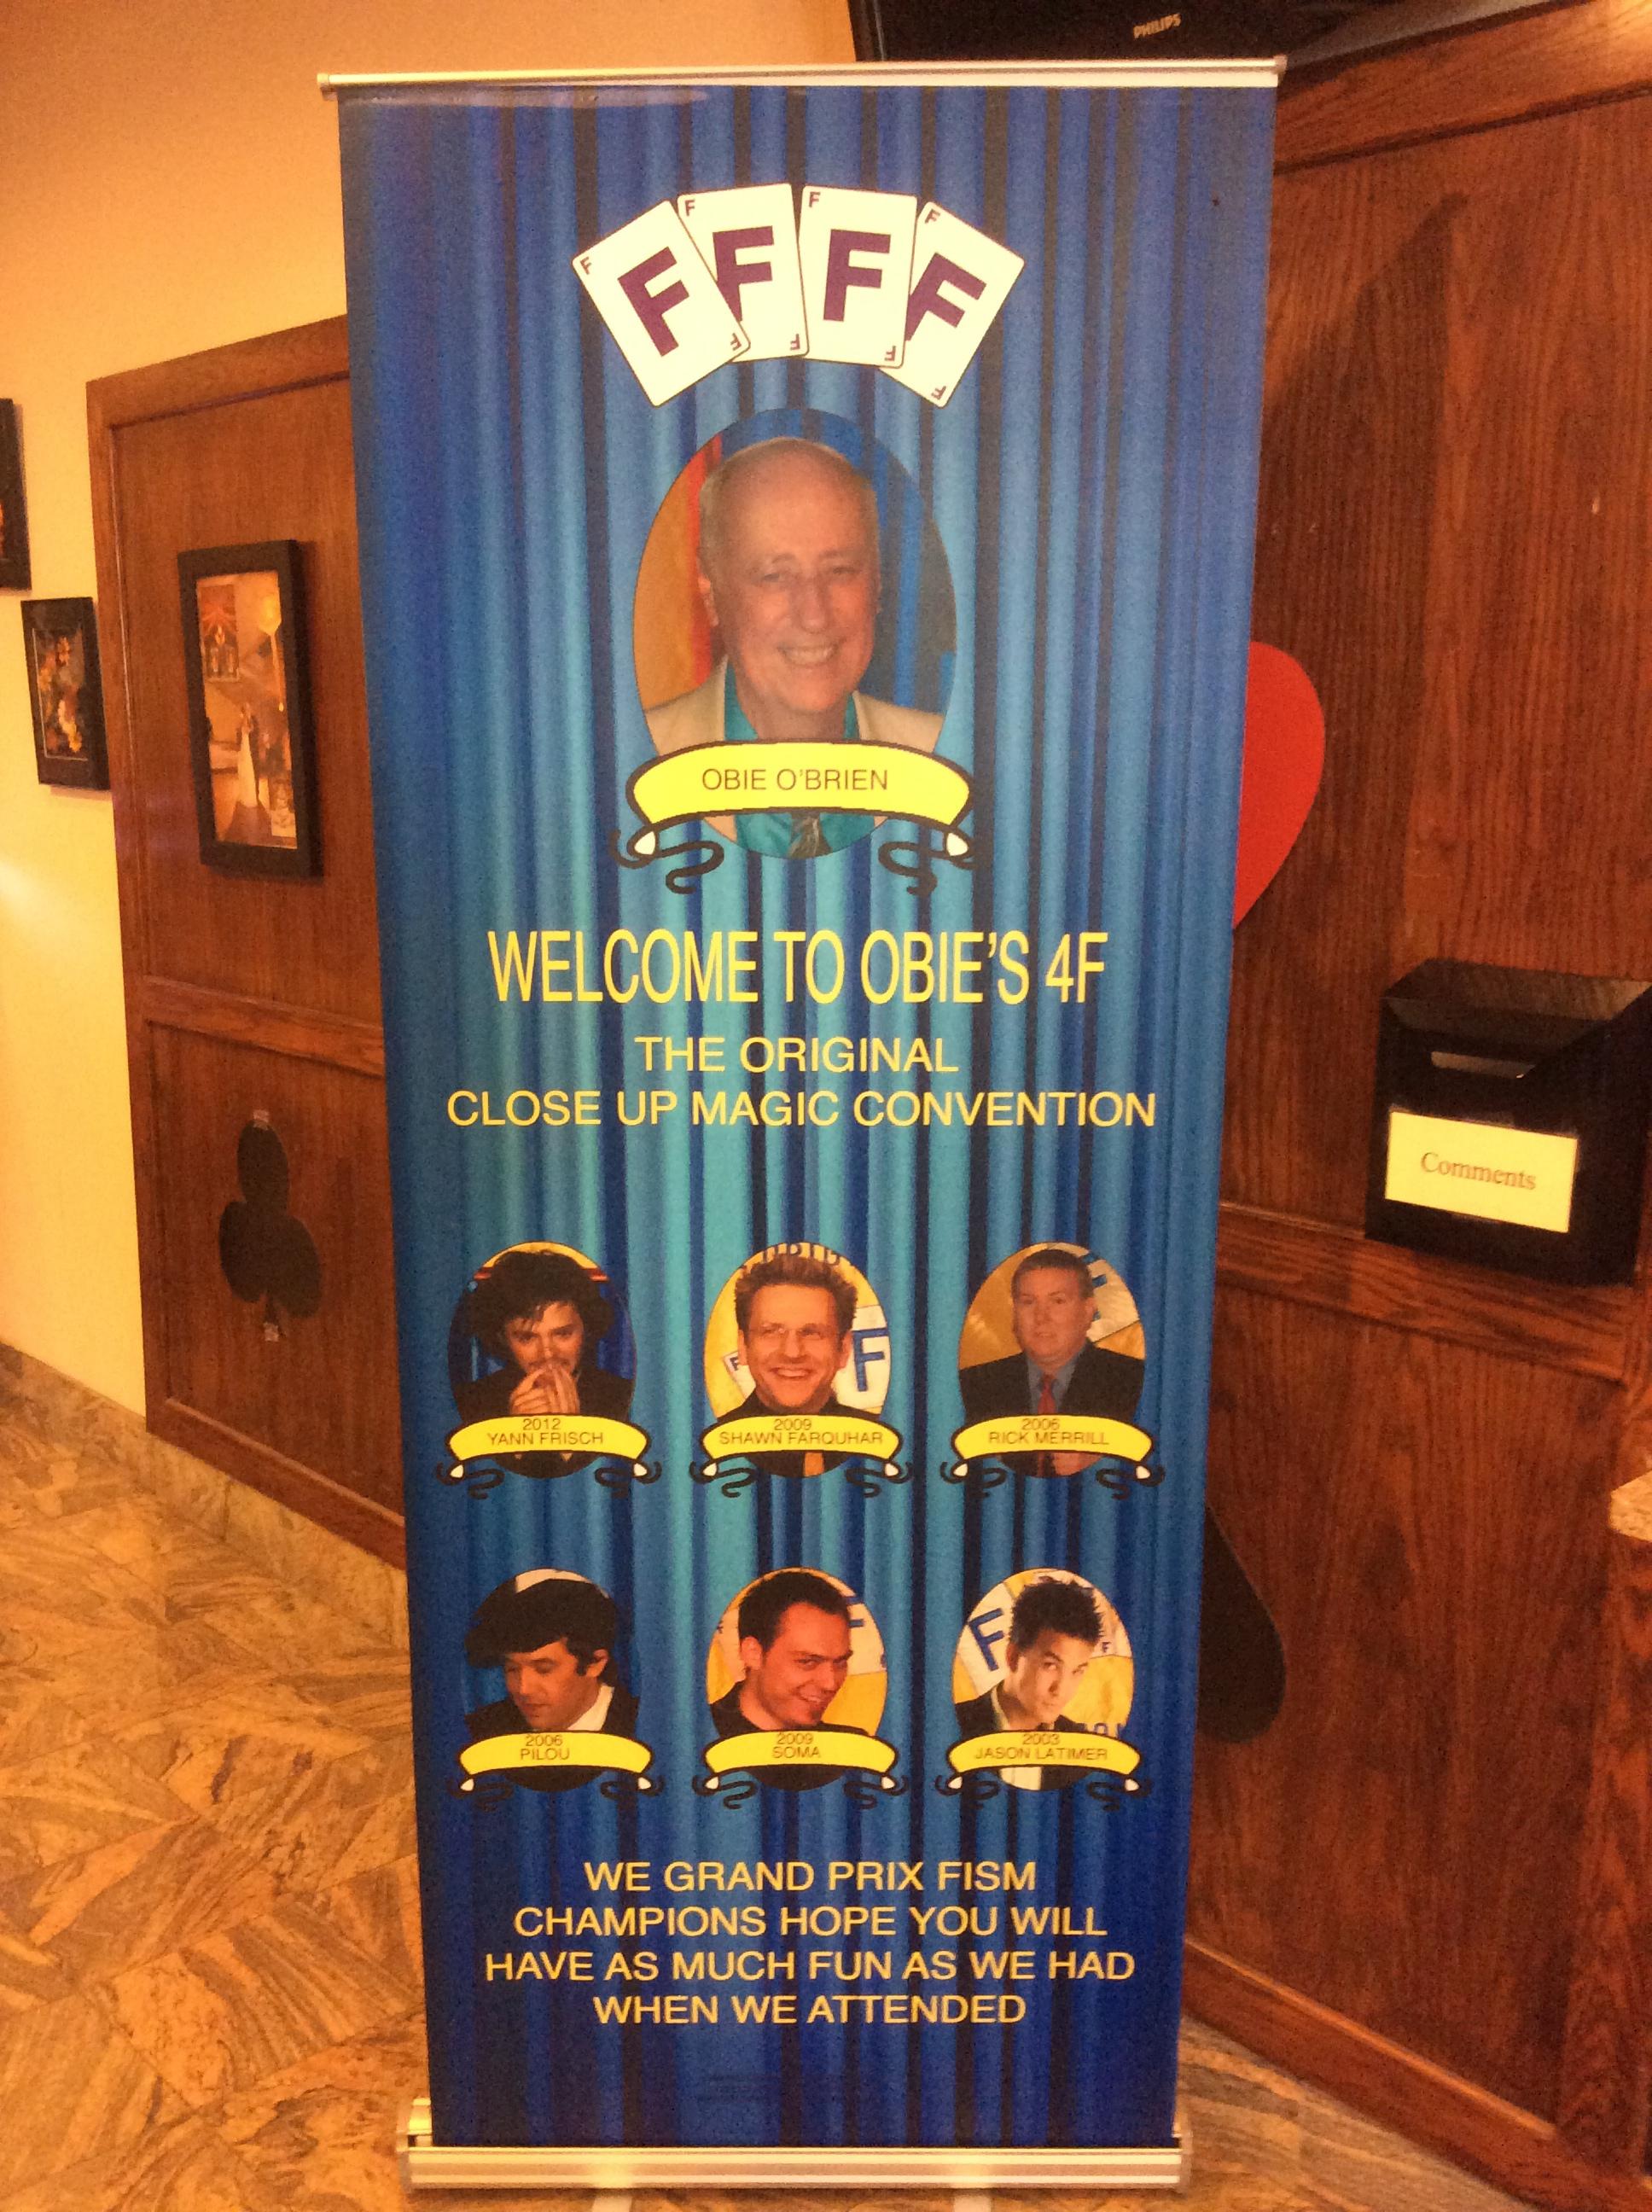 Welcoming banner at hotel registration desk